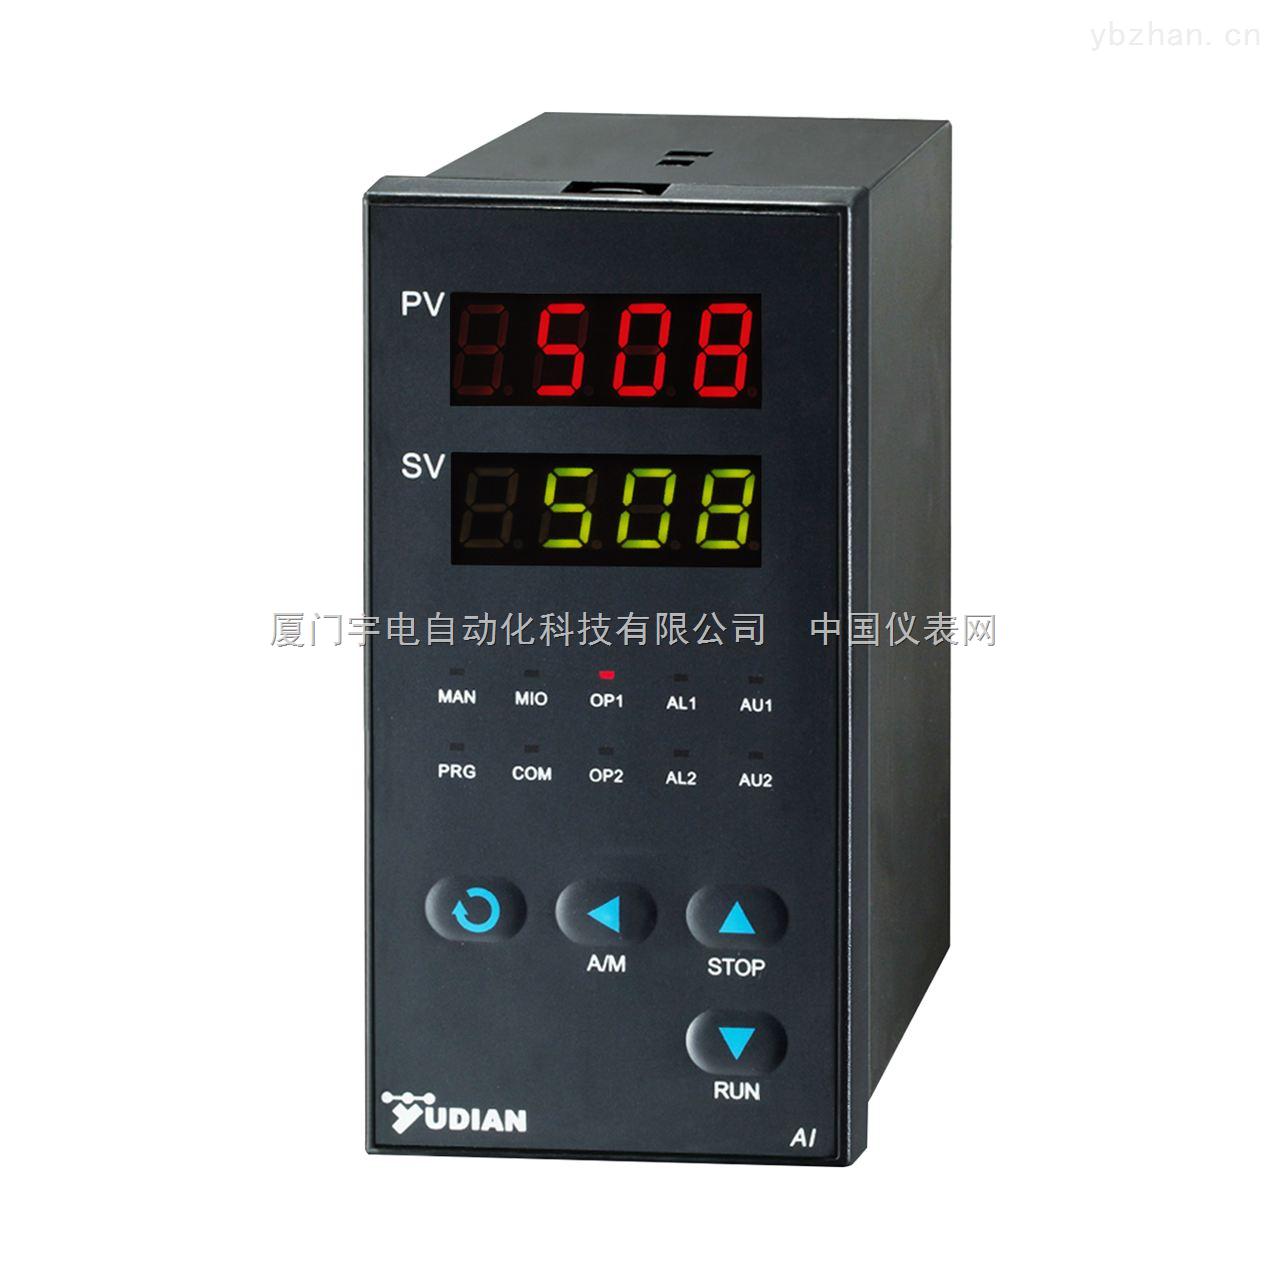 厦门宇电AI-508经济型温度控制器 (0.3级精度)干燥箱、试验箱、包装机、食品机械等行业常用表